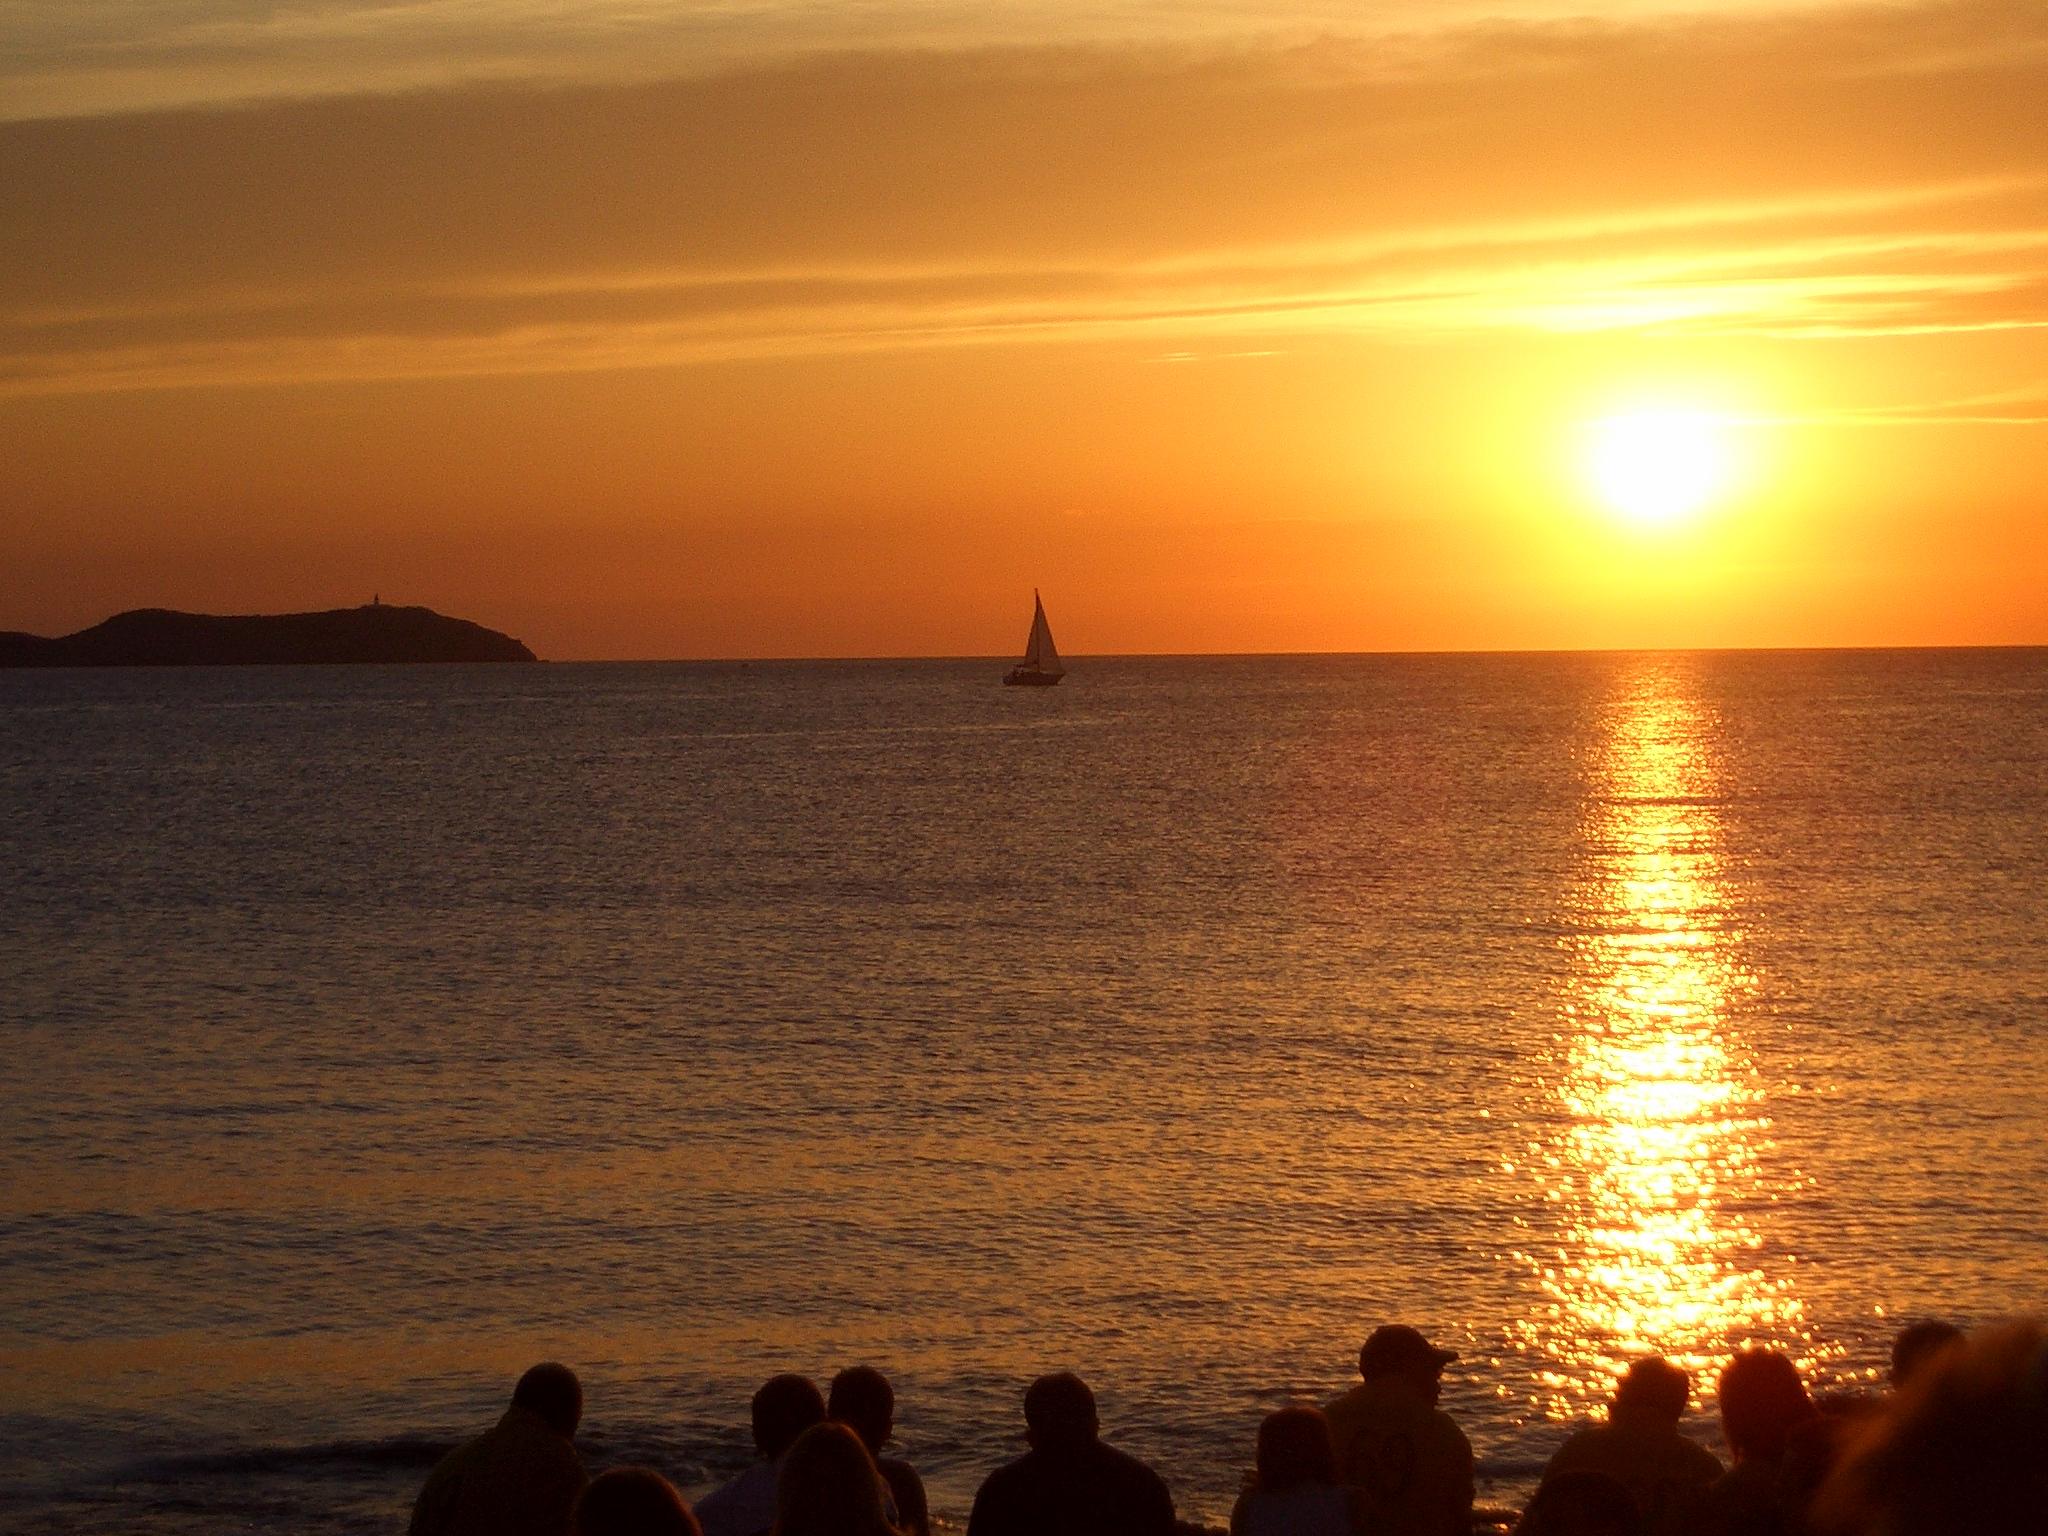 Cafe_del_mar_sunset_(14215019)